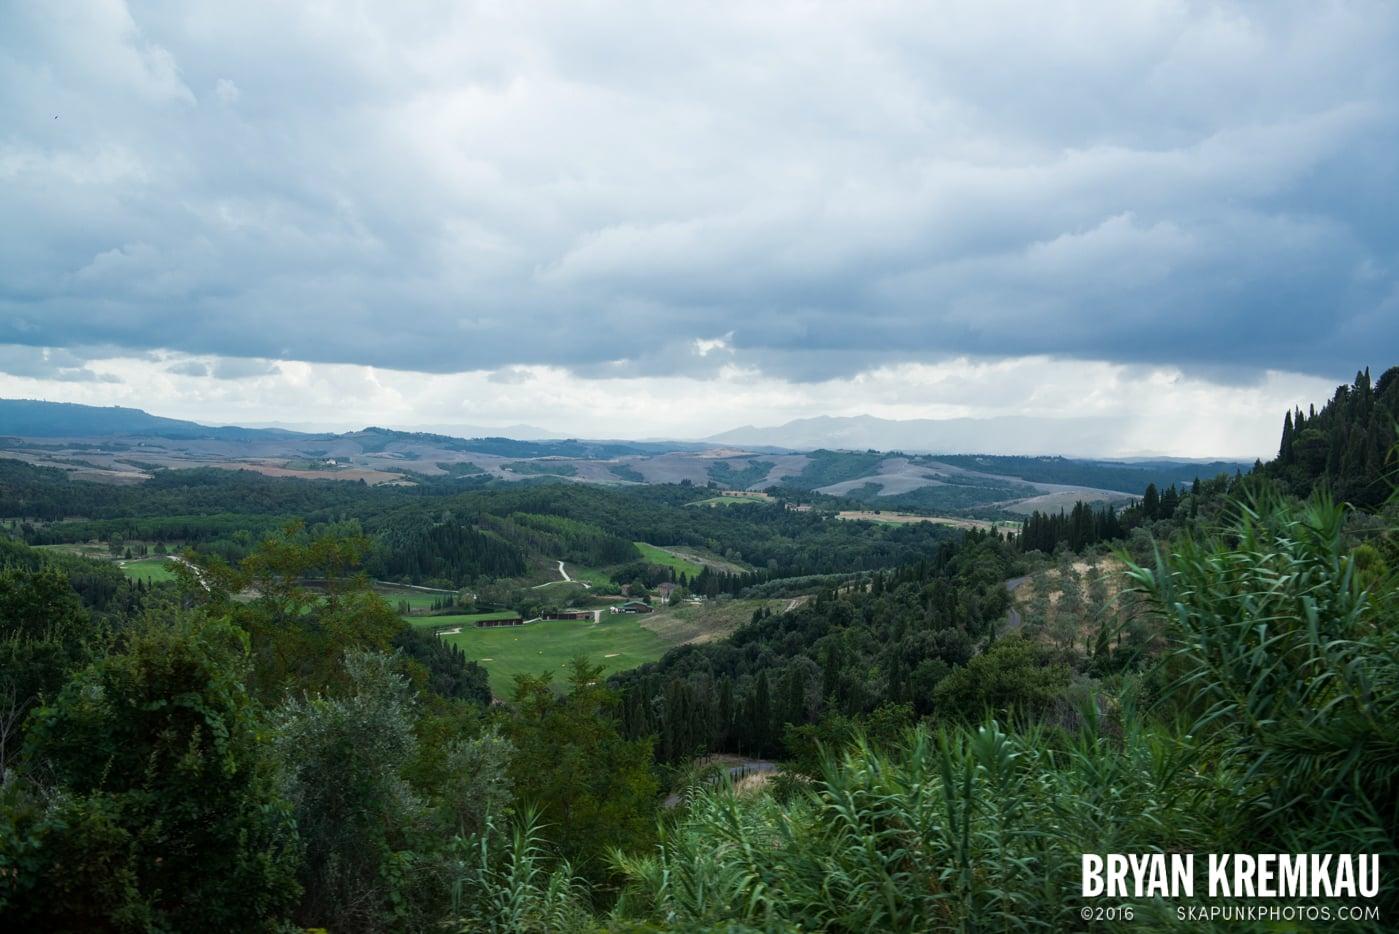 Italy Vacation - Day 8: Siena, San Gimignano, Chianti, Pisa - 9.16.13 (42)